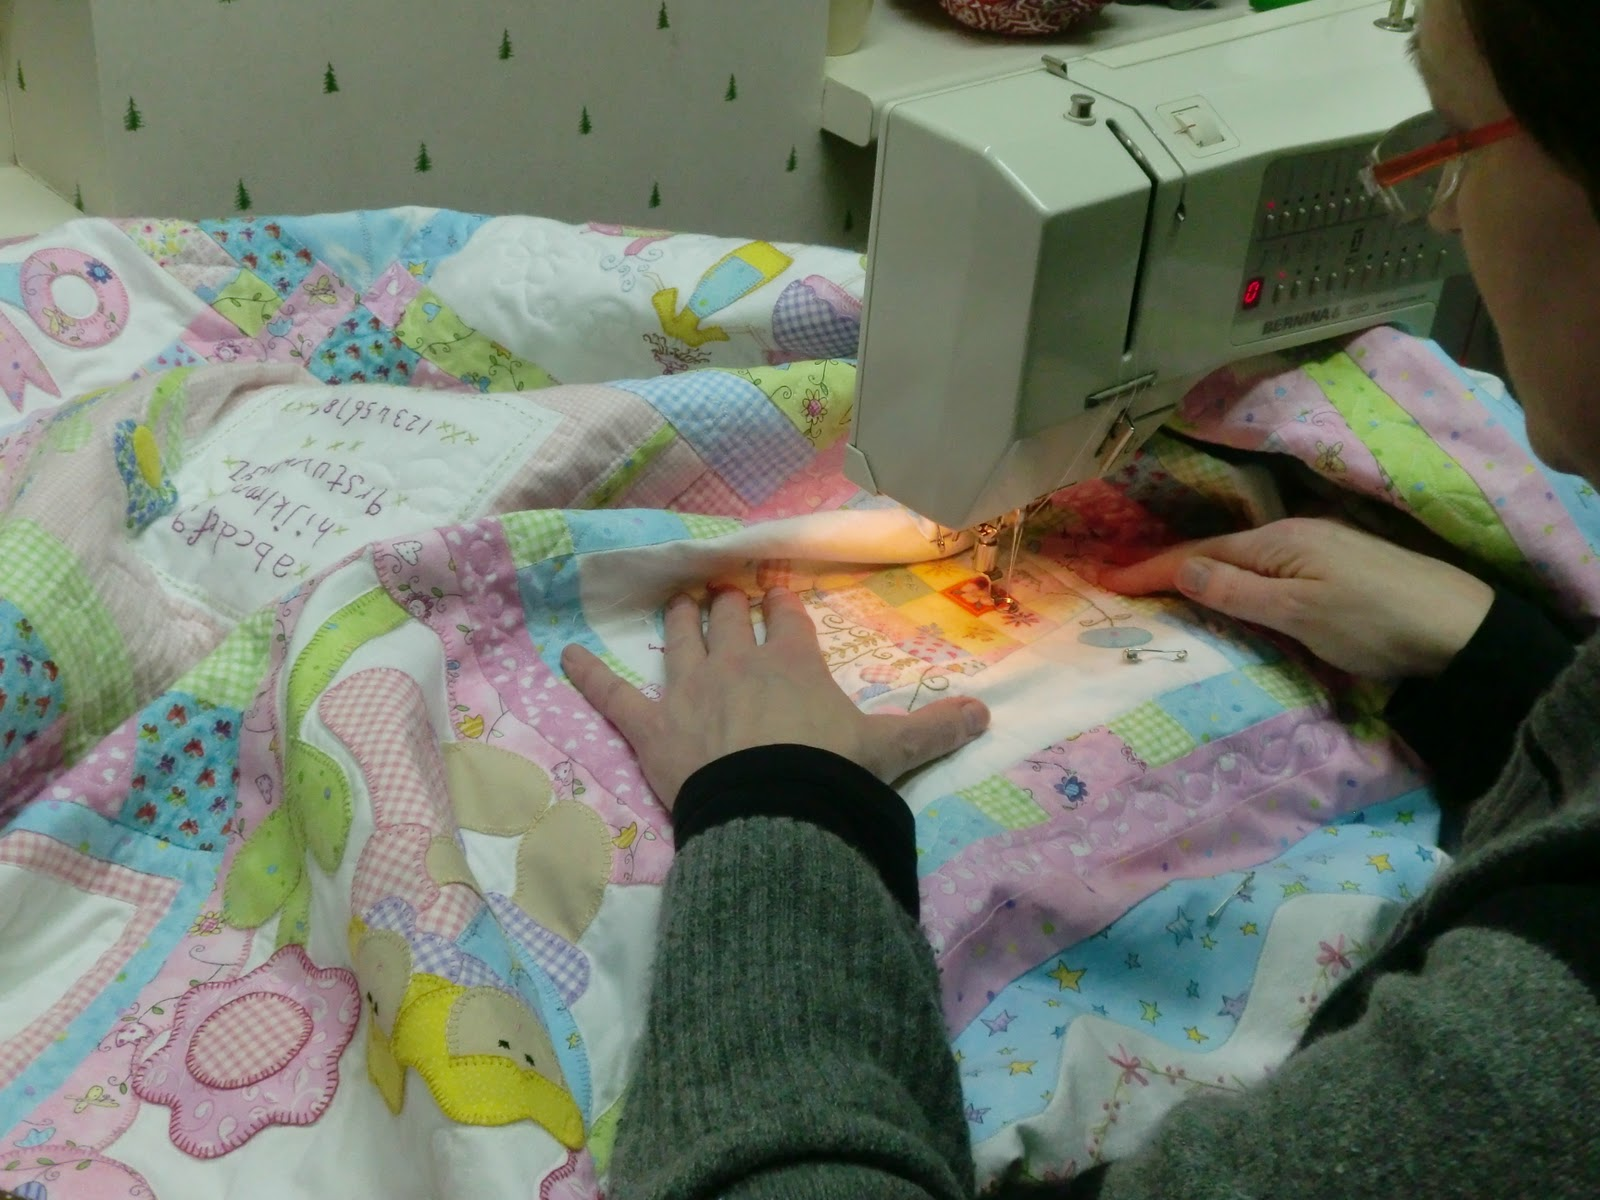 tijdens het naaien bepalen mijn handen de steeklengte ik heb gemerkt